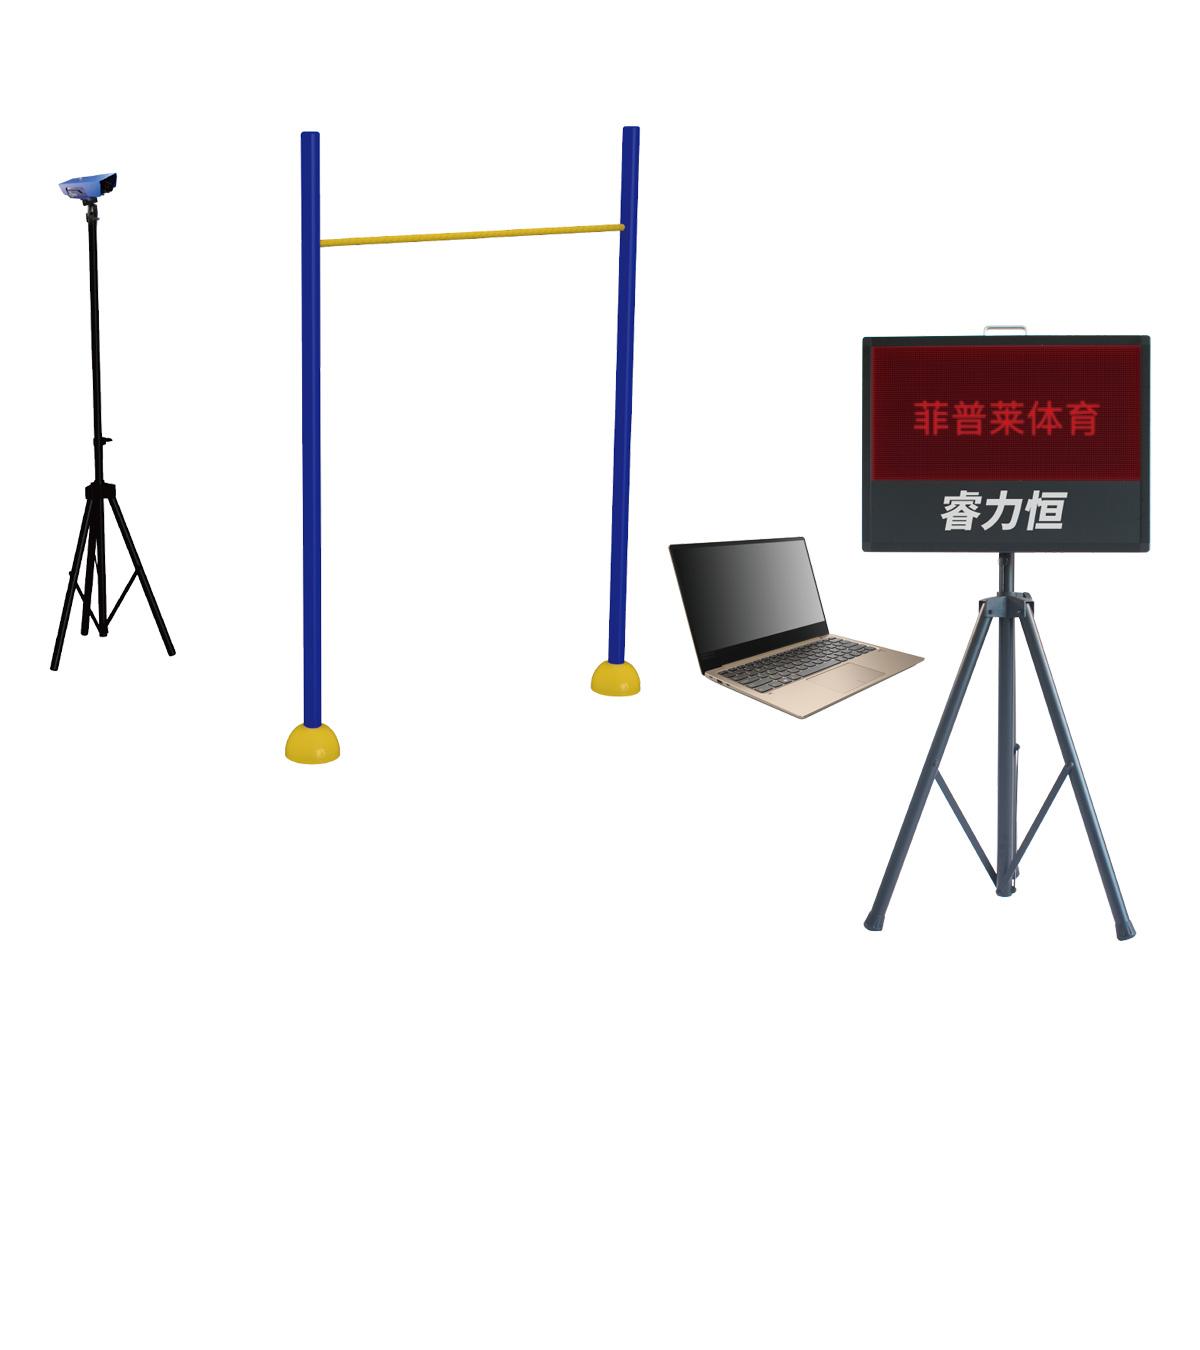 引体向上测试仪(影像版)